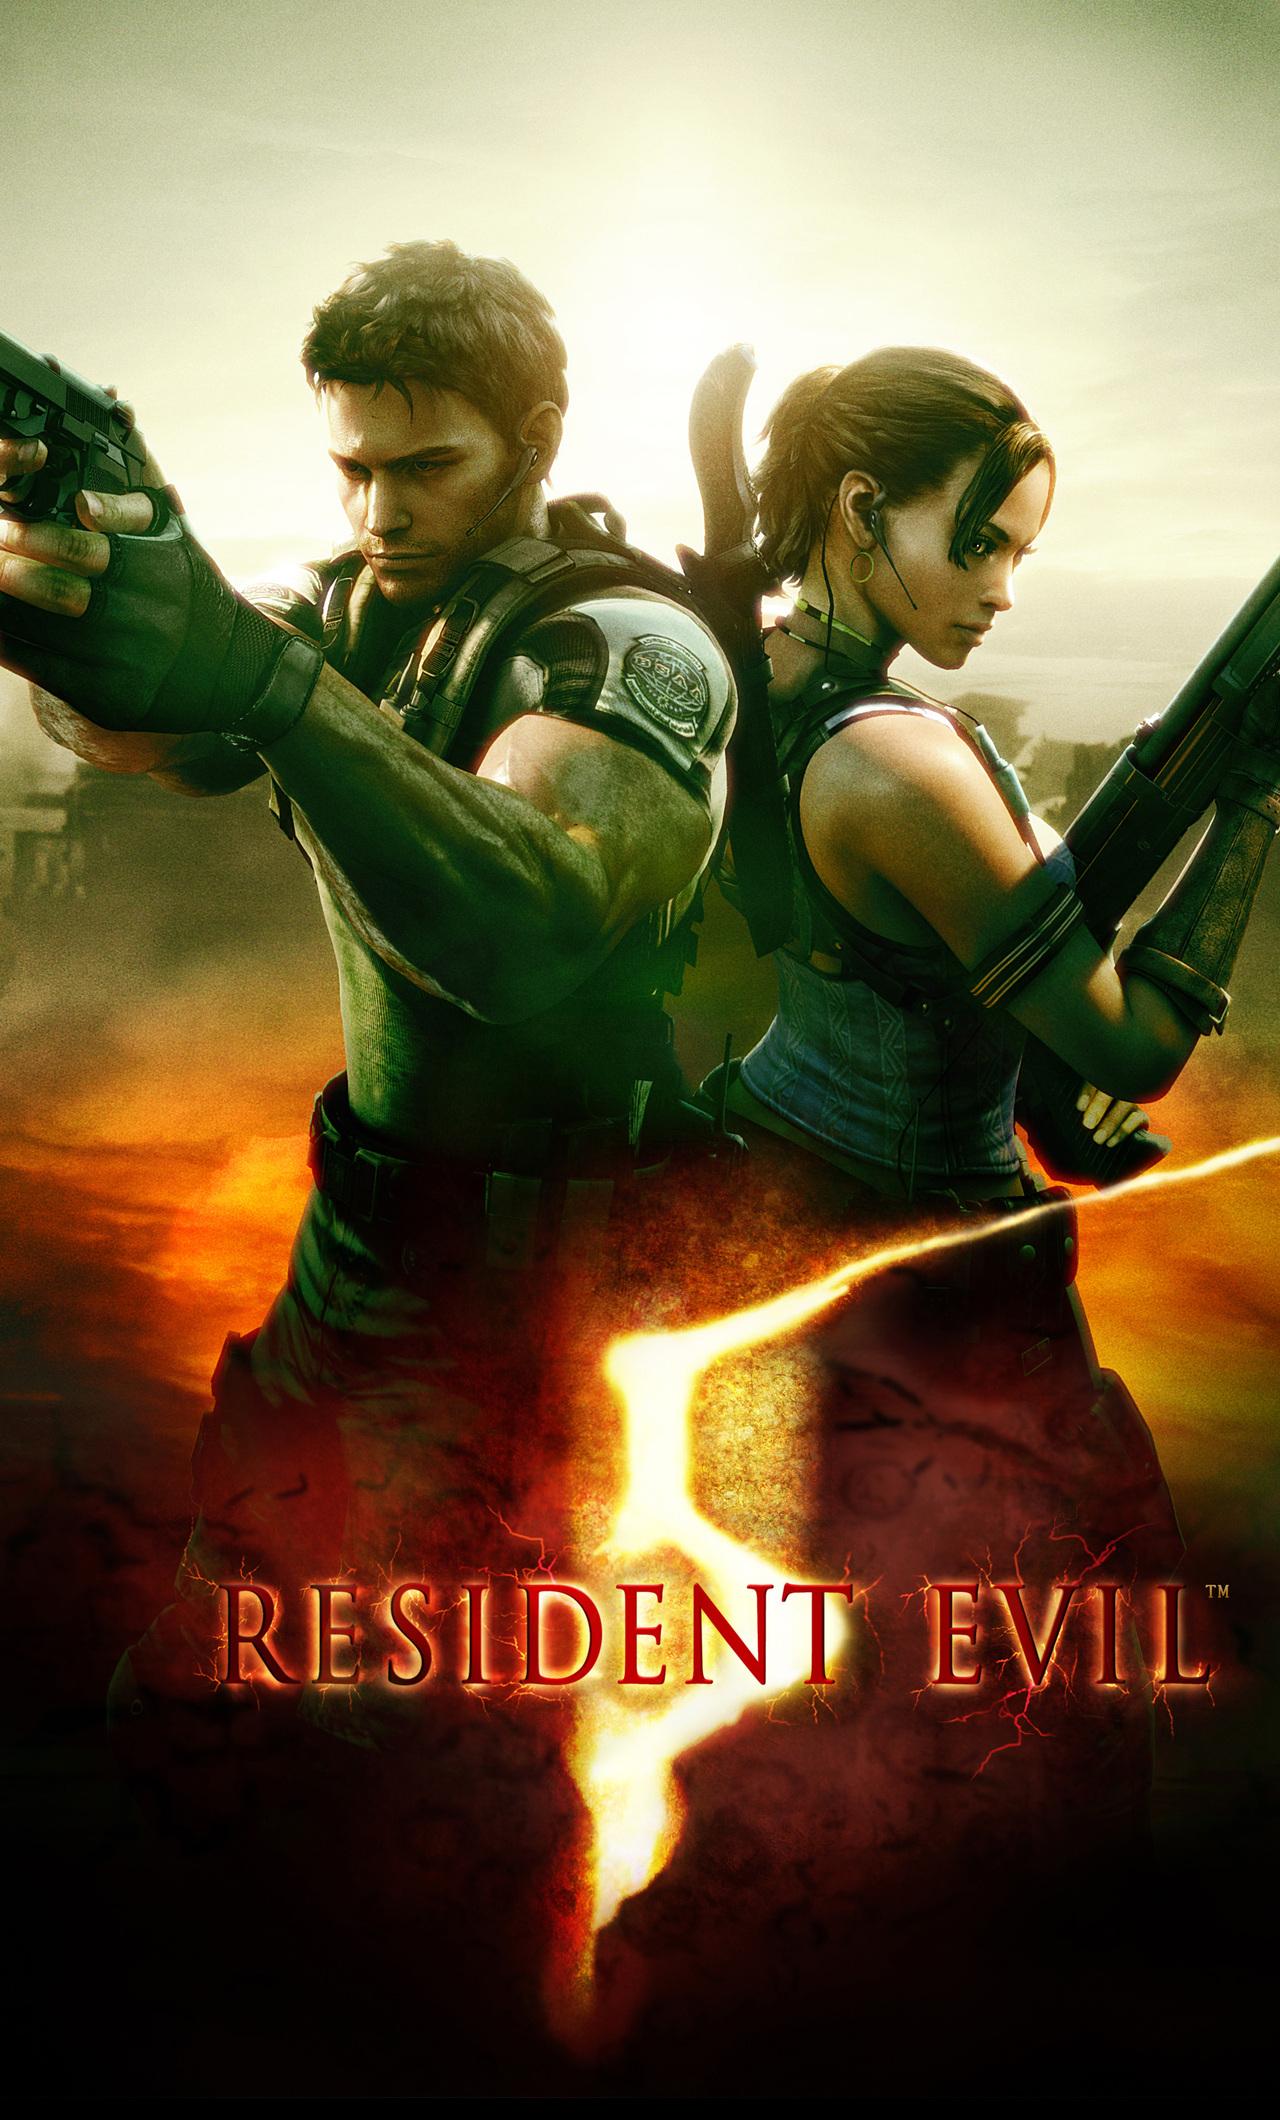 Resident Evil 5 Wallpapers Hd Download Desktop Background